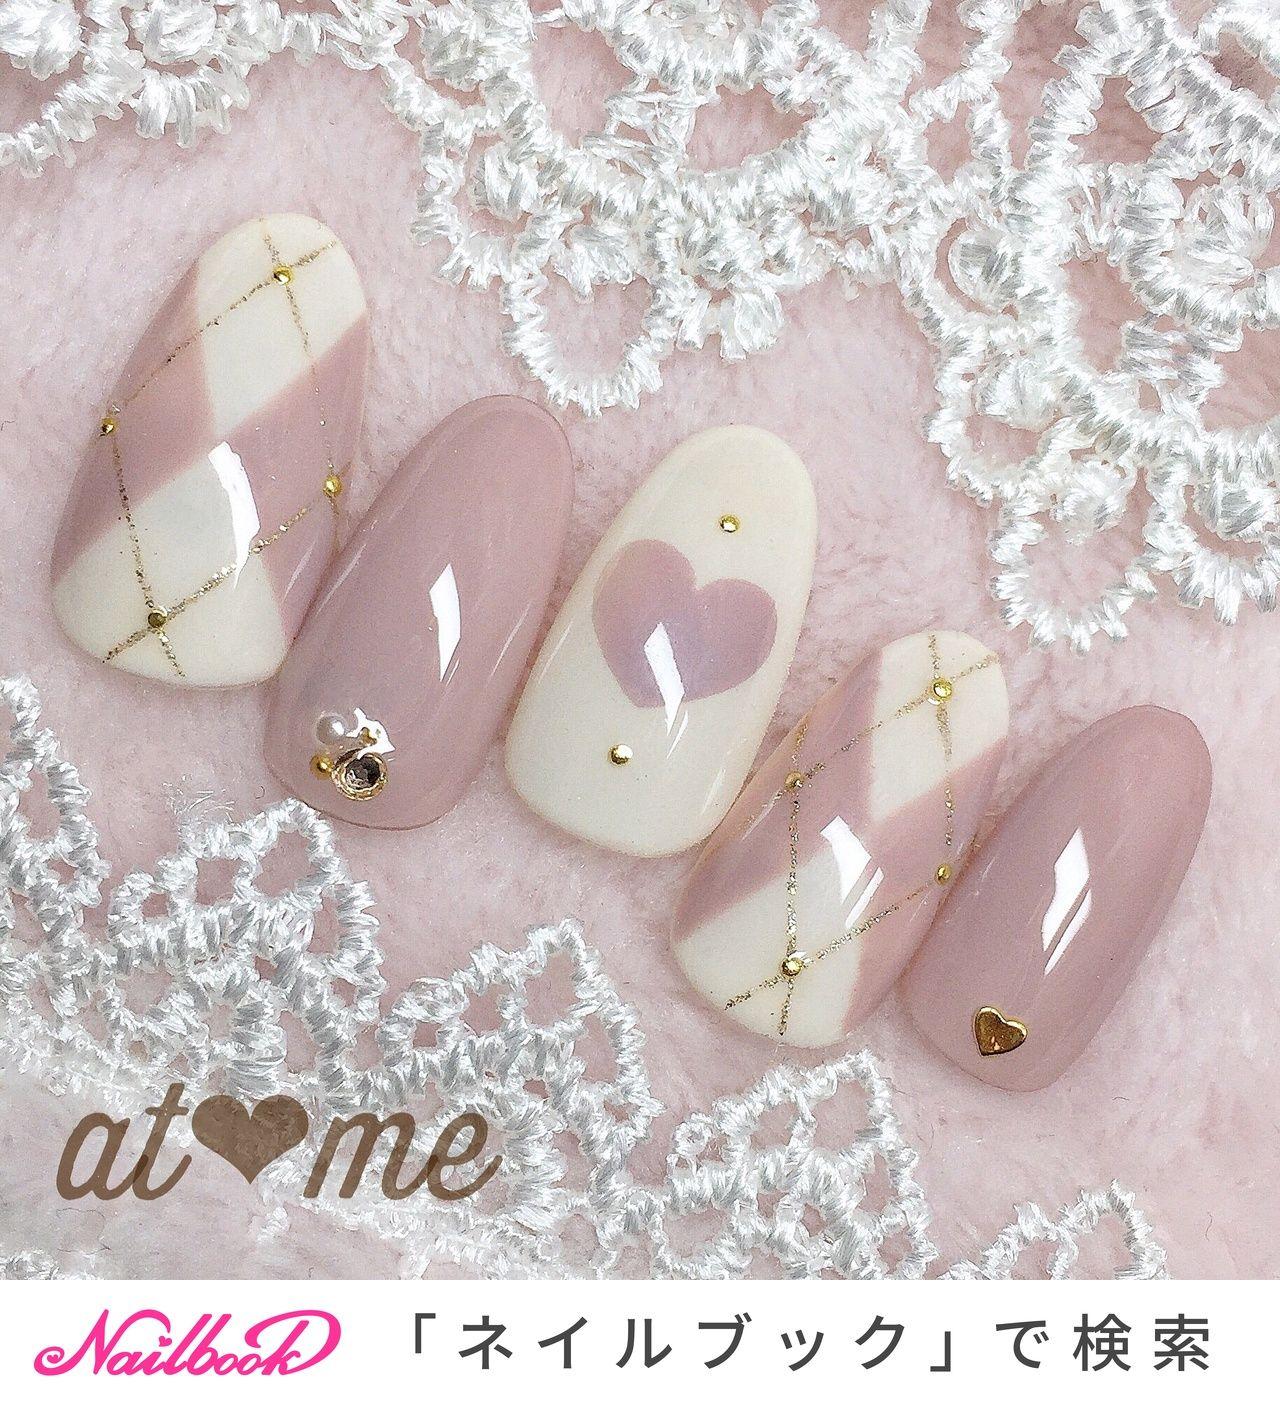 冬/バレンタイン/デート/女子会/ハンド , at meのネイルデザイン